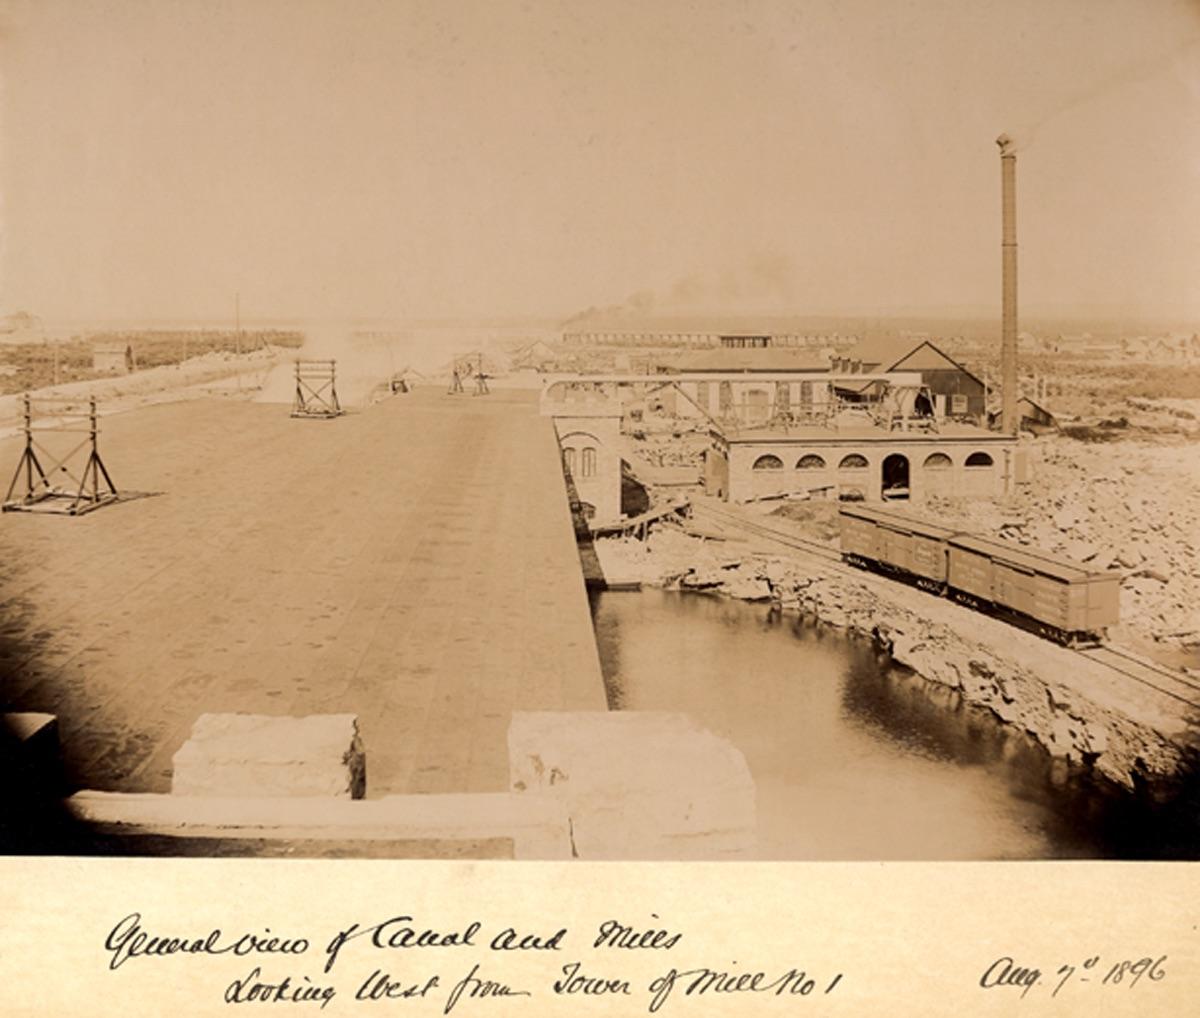 Vue panoramique du canal et des moulins prise en direction ouest à partir de la tour du moulin No 1.